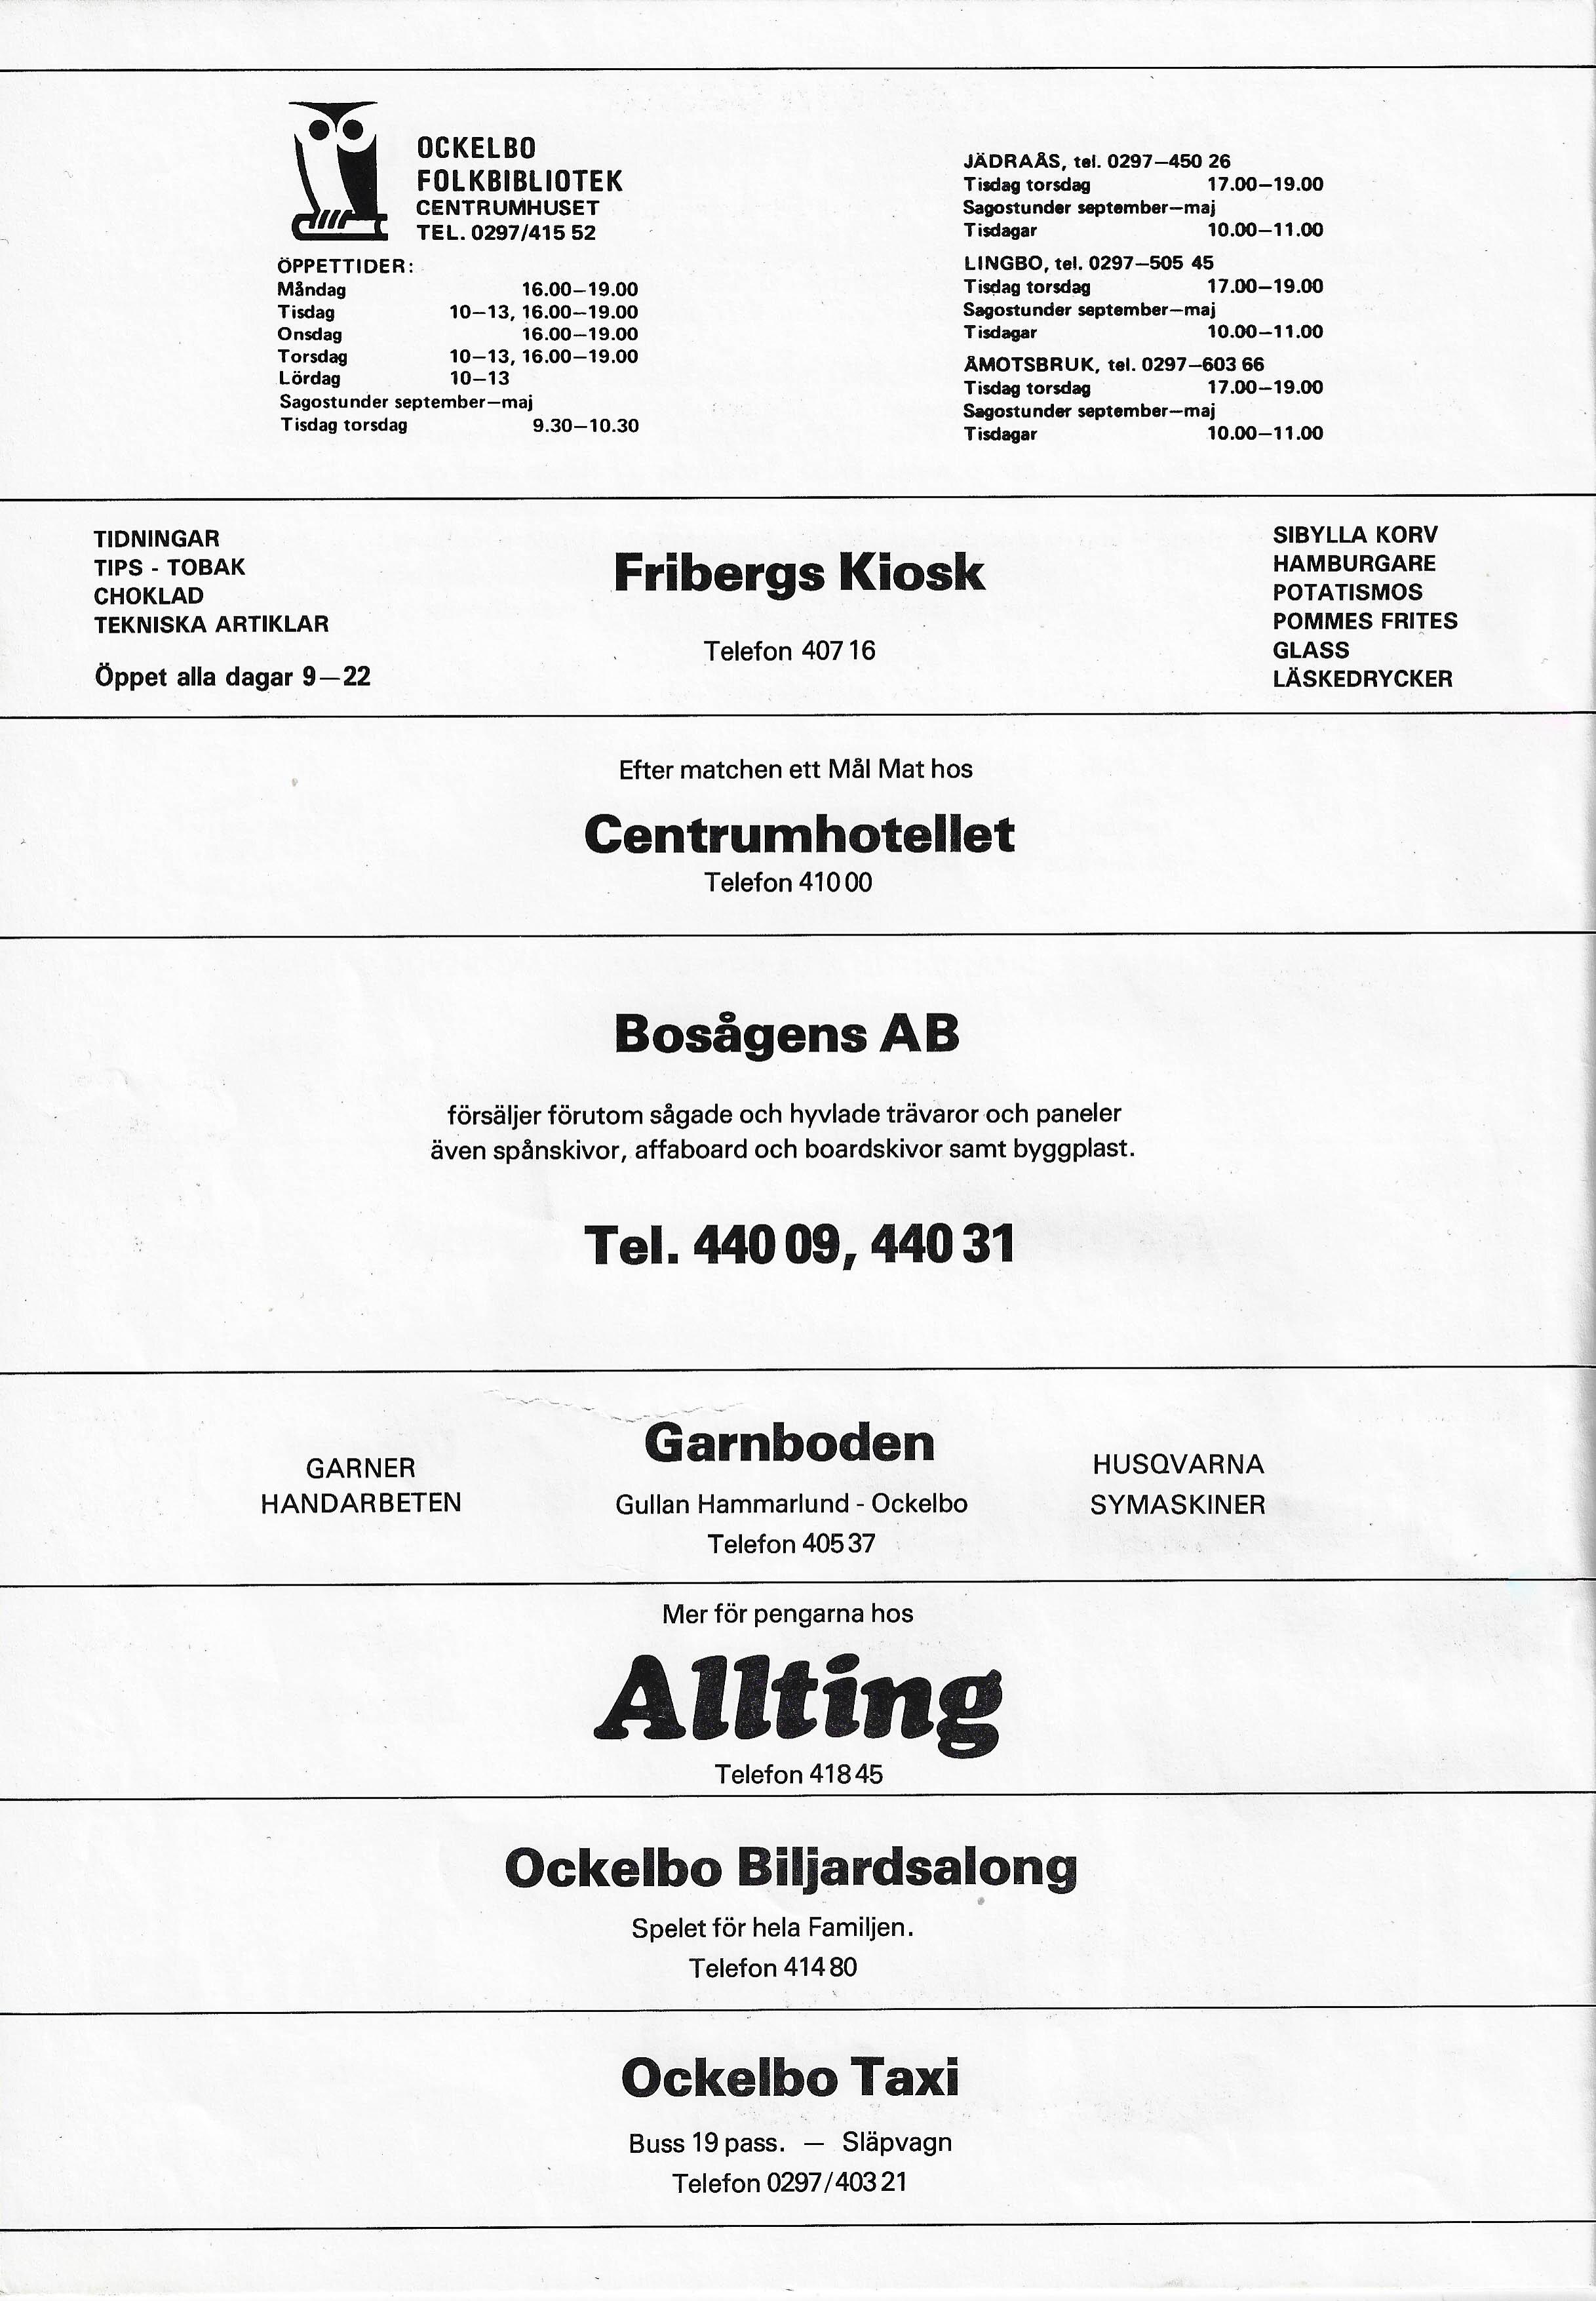 Ockelbo lotta lindgren - BodyContact